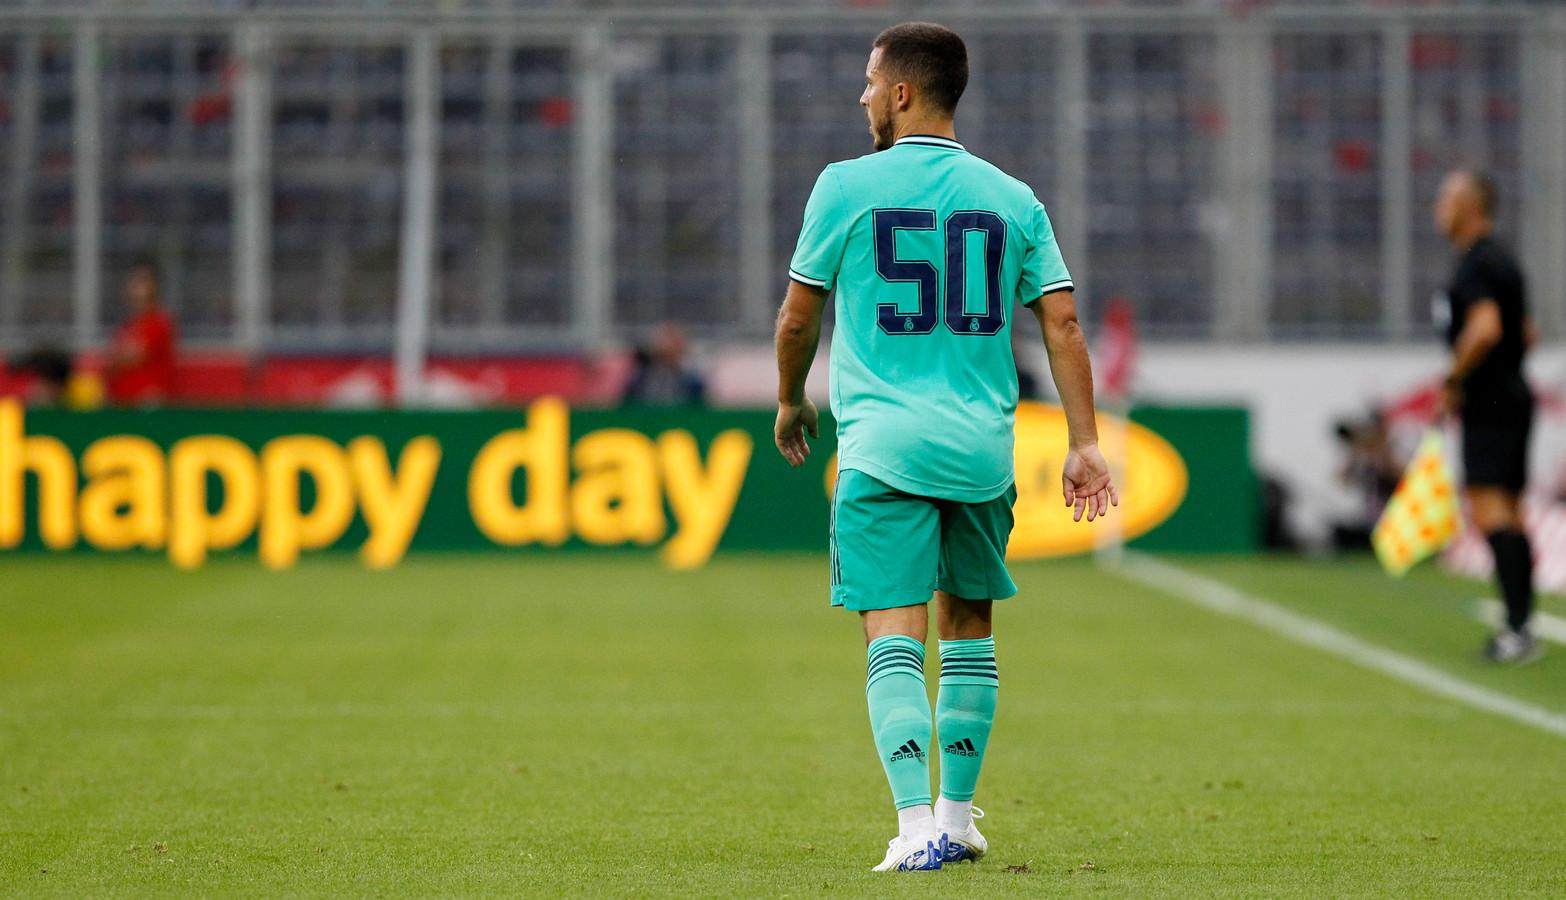 Eden Hazard speelde tot nu toe met rugnummer 50 bij Real Madrid.